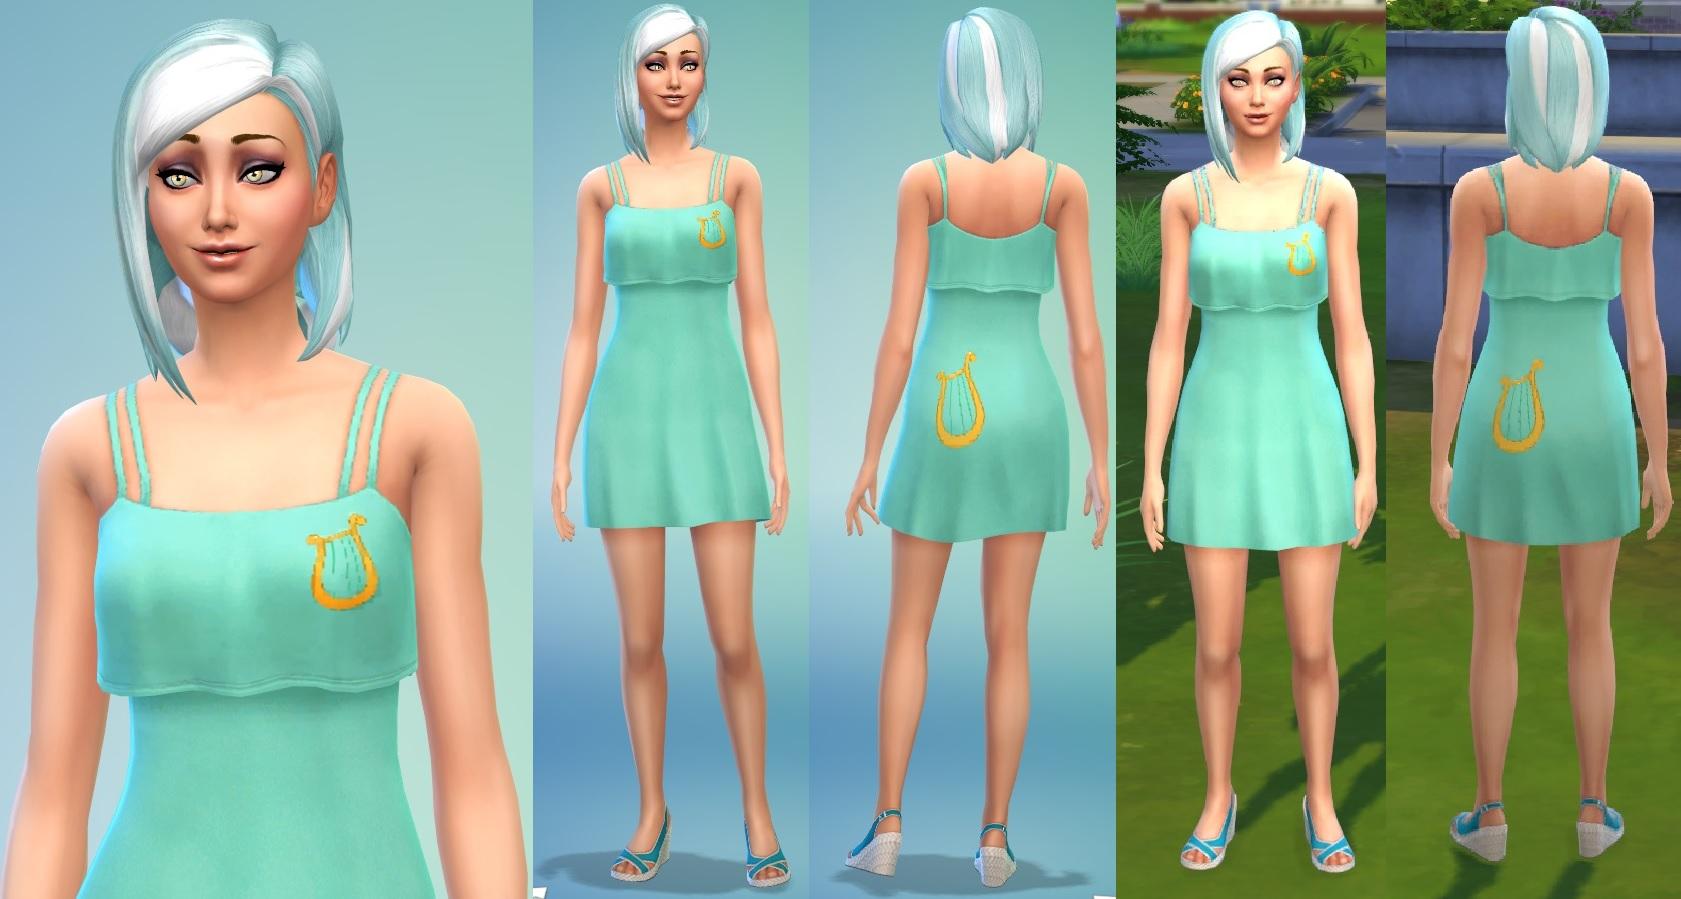 Vinyl X Trixie Mod The Sims Bonbon Lyra Vinyl Octavia Mlp